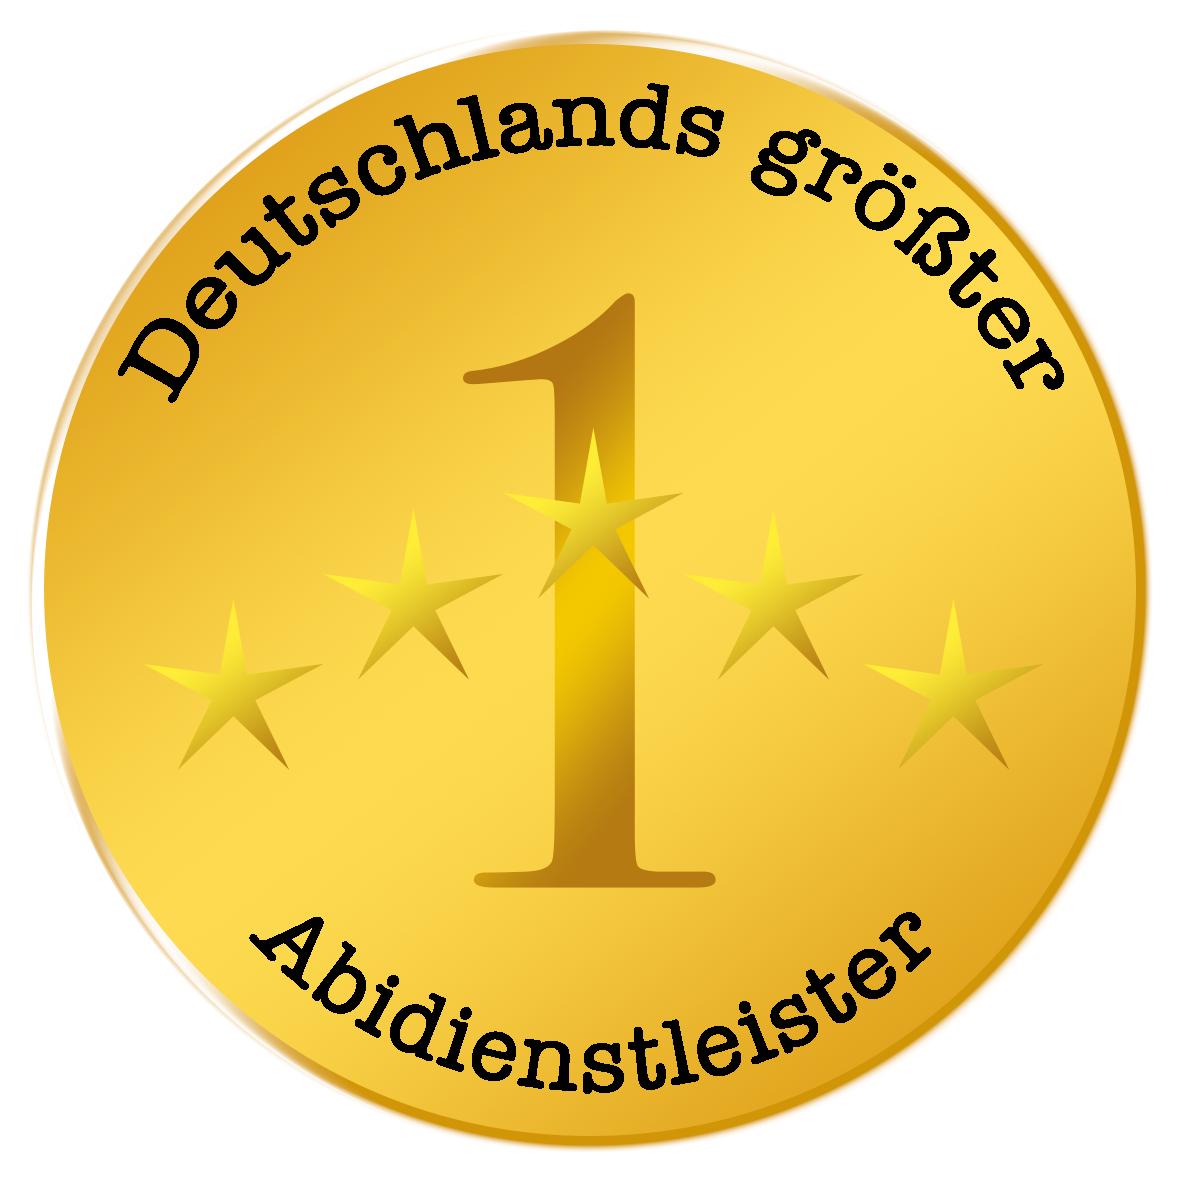 Deutschlands größter Abidienstleister